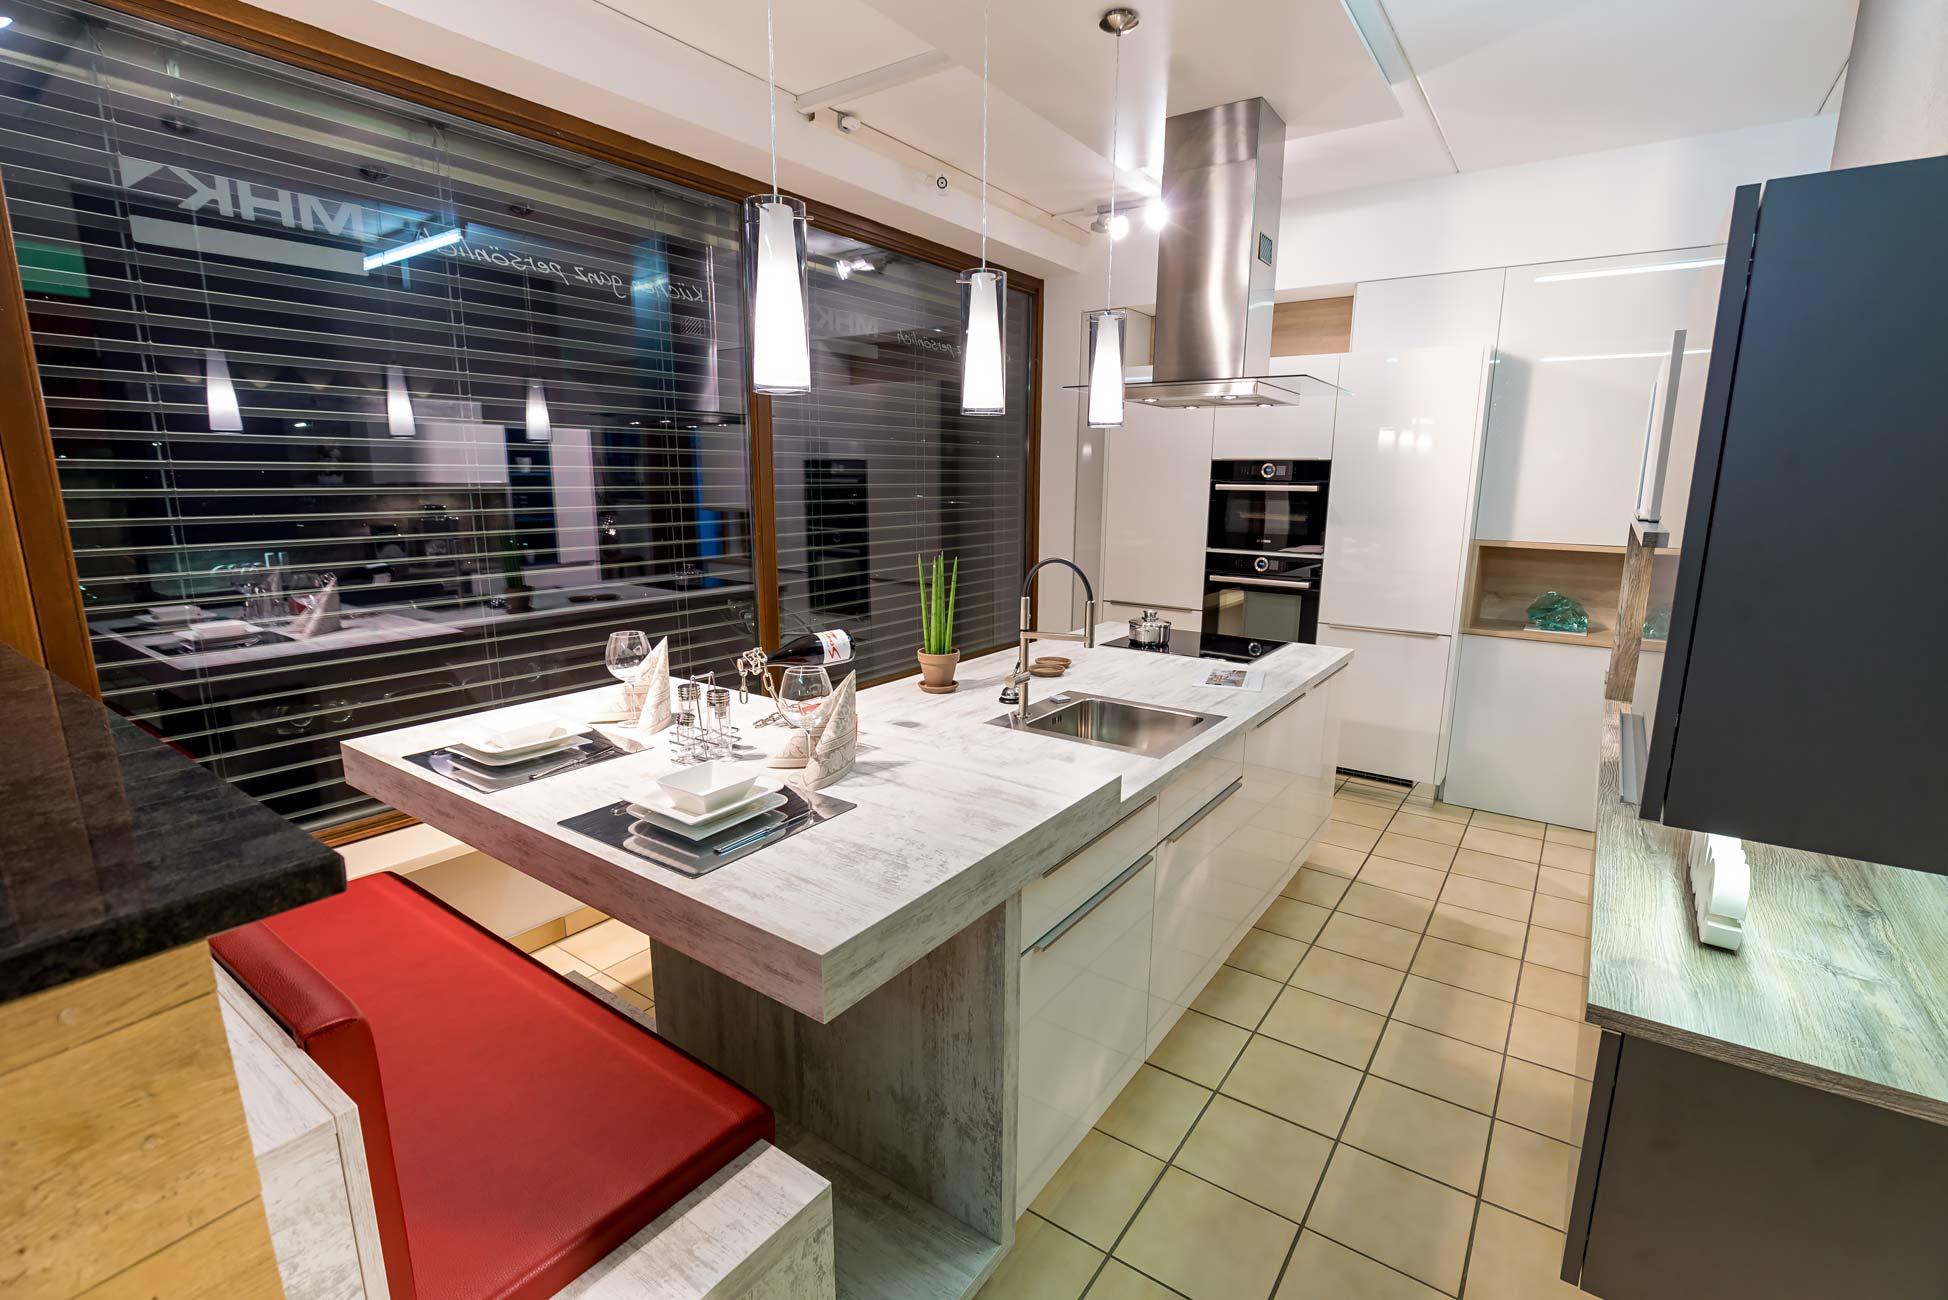 küche und wohnen   schütz gmbh - küche, wohnzimmer, badezimmer, Wohnzimmer dekoo